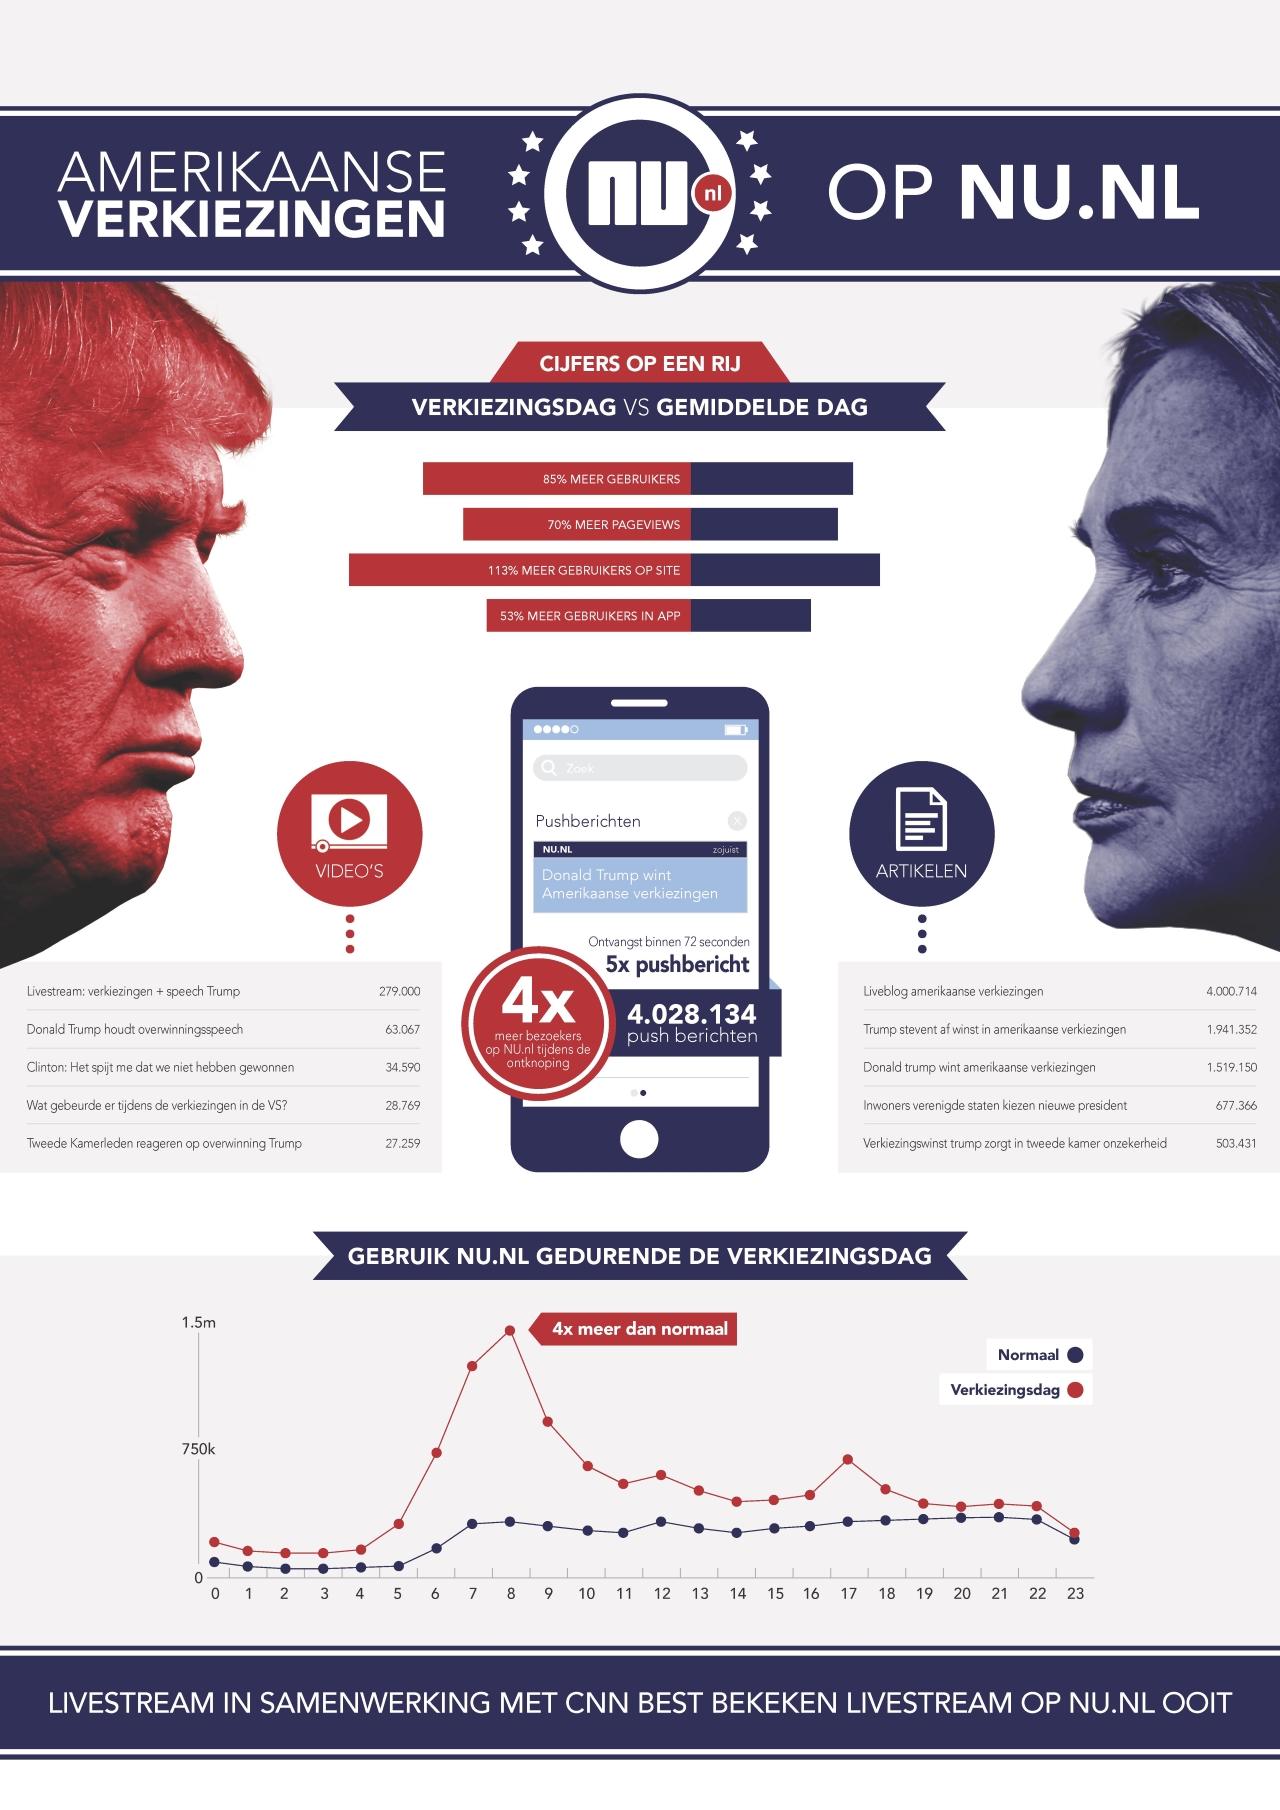 53% meer bezoekers in NU.nl apps tijdens ontknoping Amerikaanse verkiezingen